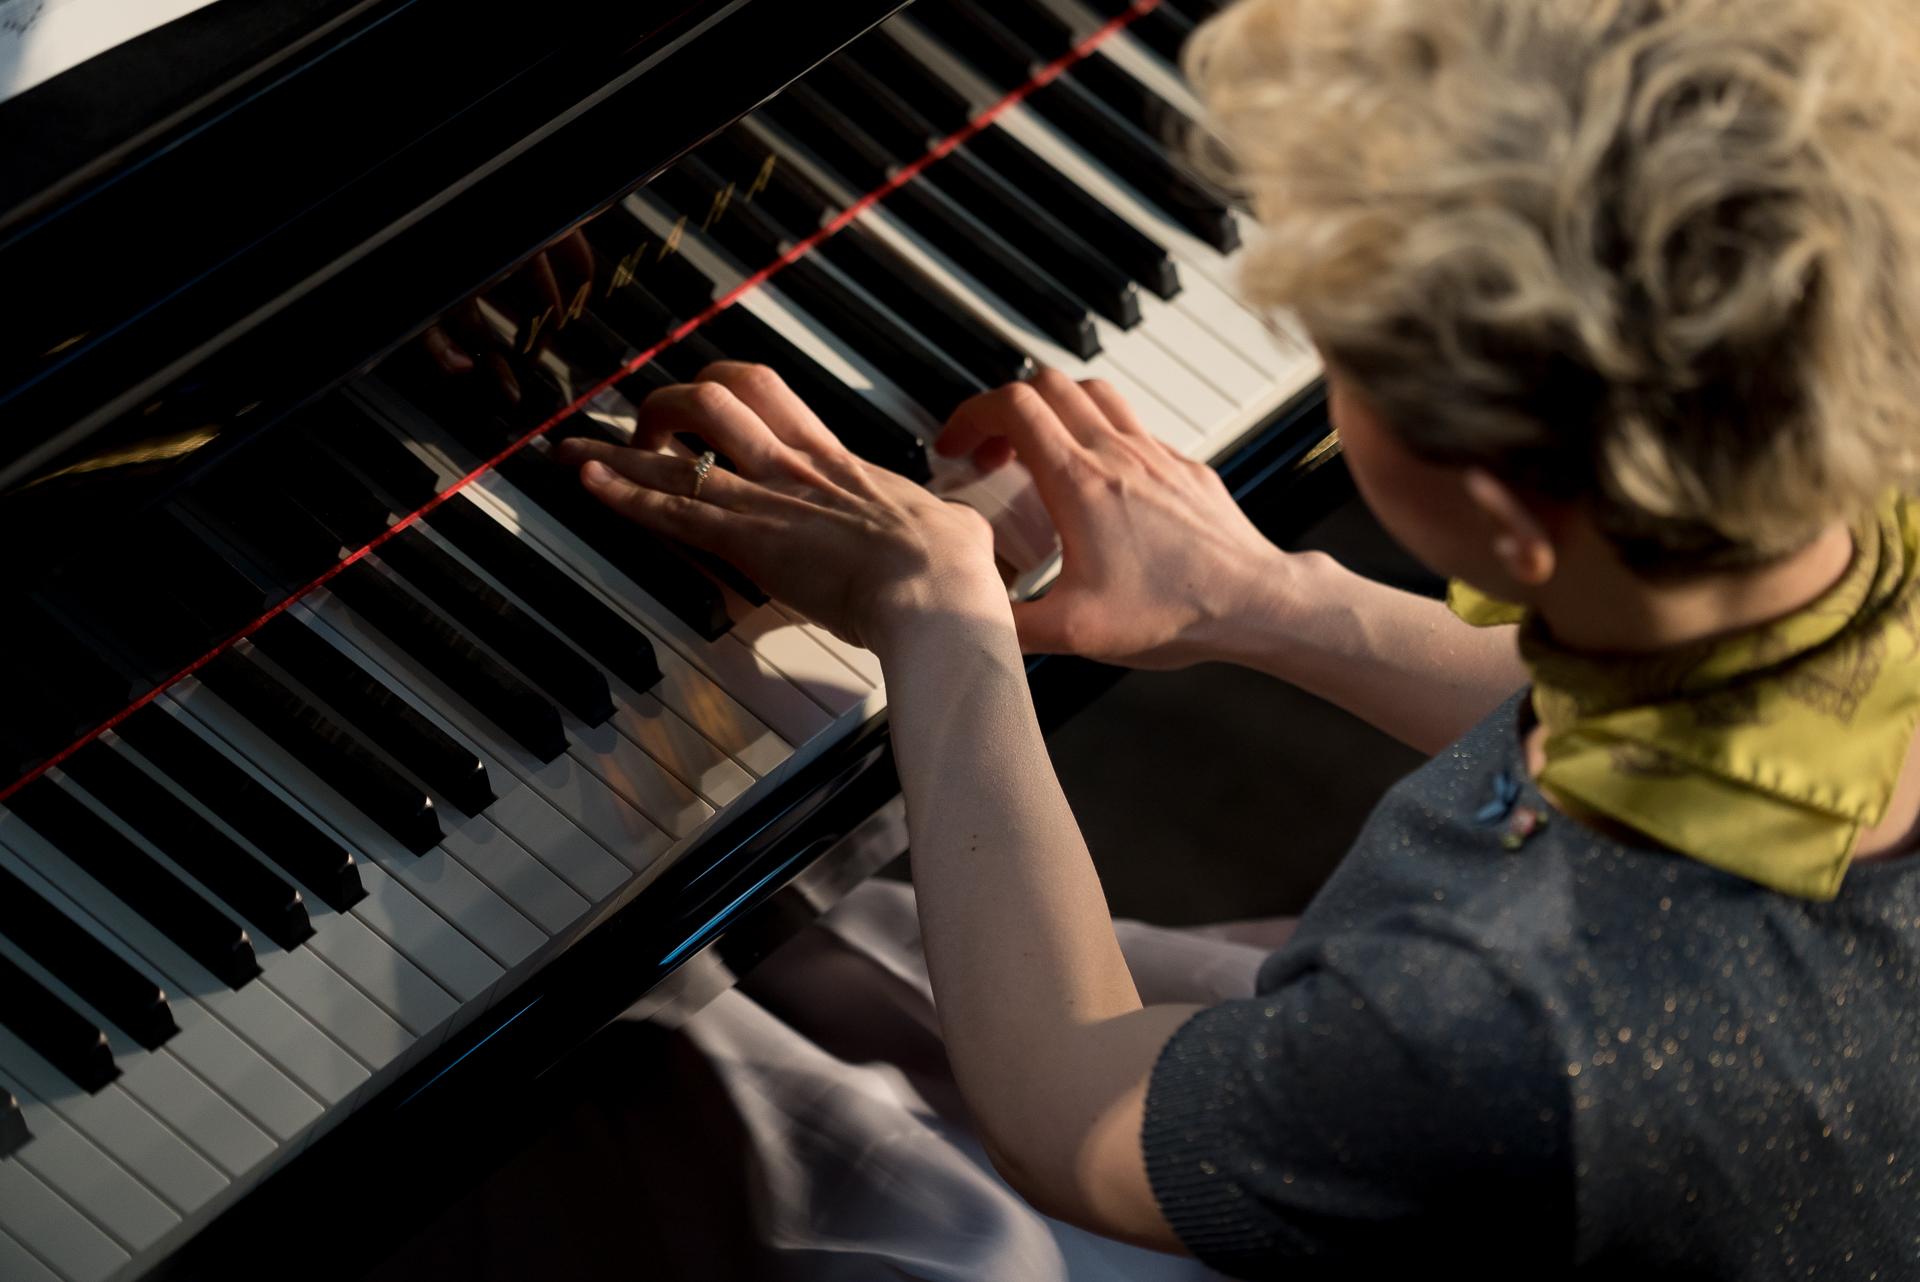 Daylight Music 251 - Piano Day